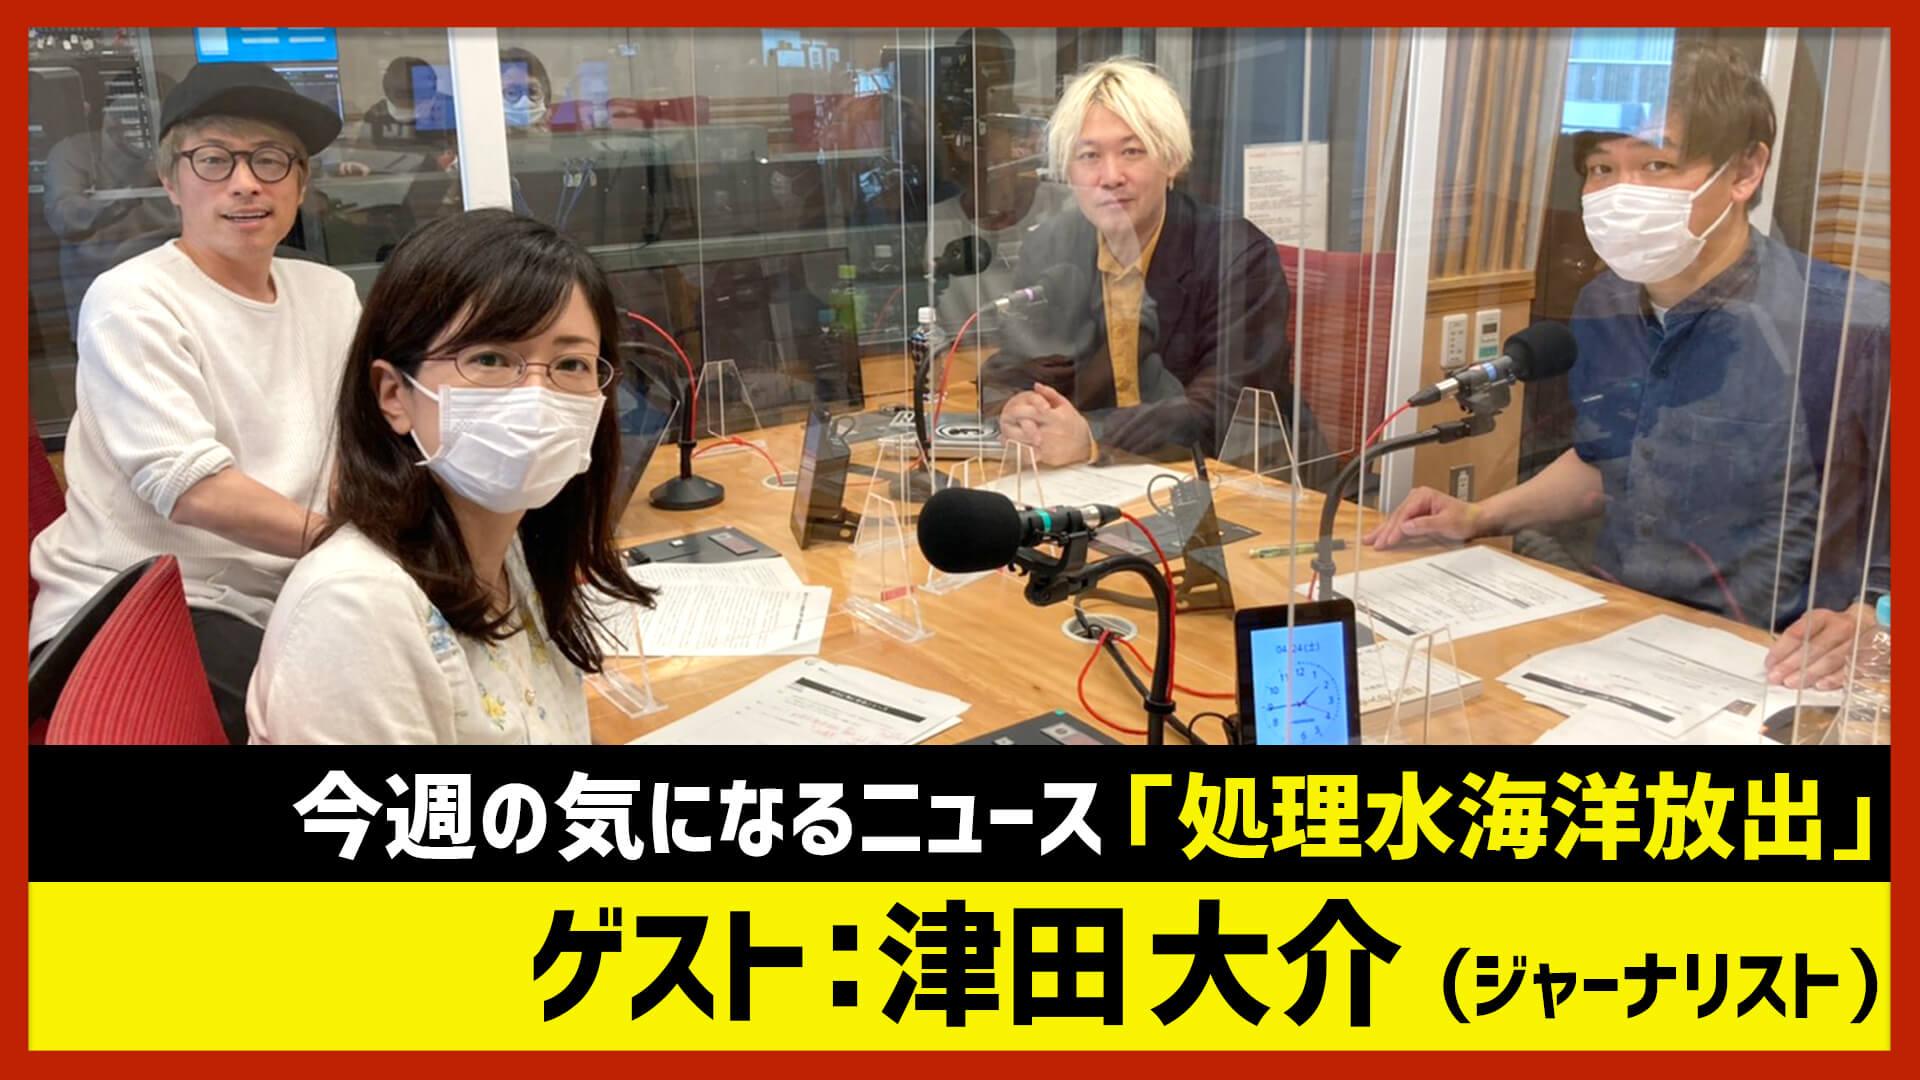 【田村淳のNewsCLUB】ゲスト: 津田大介さん(2021年4月24日前半)